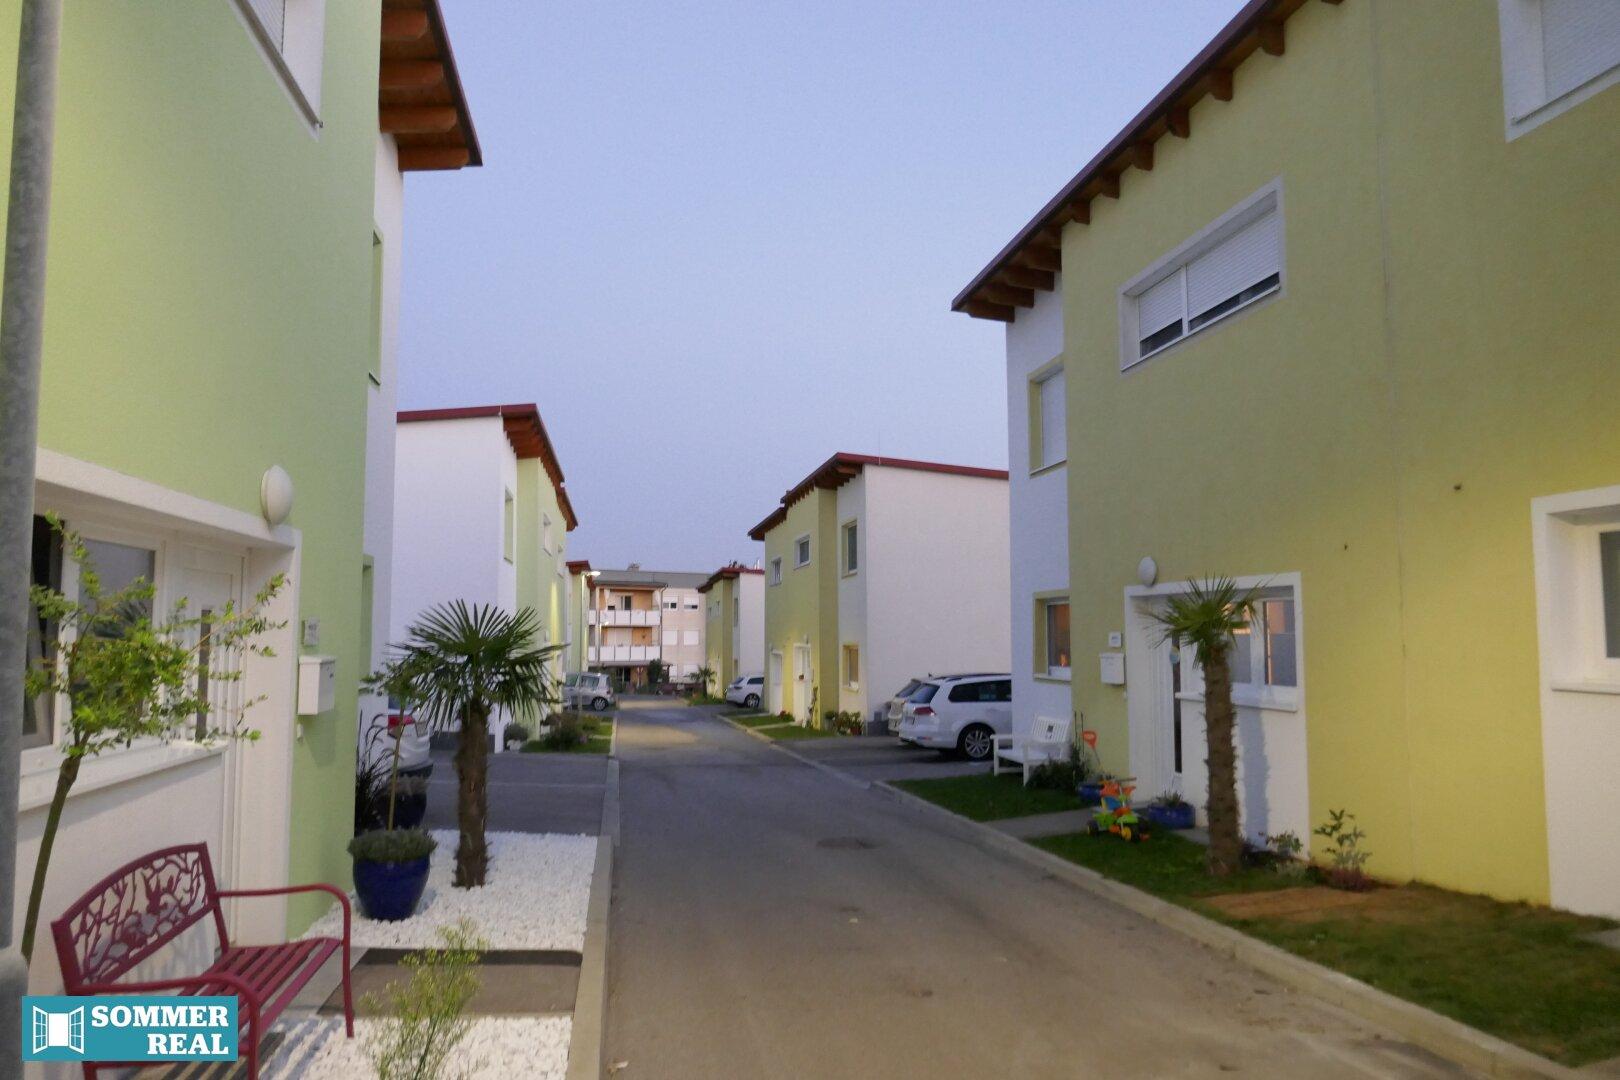 Blick in die Wohnsiedlung